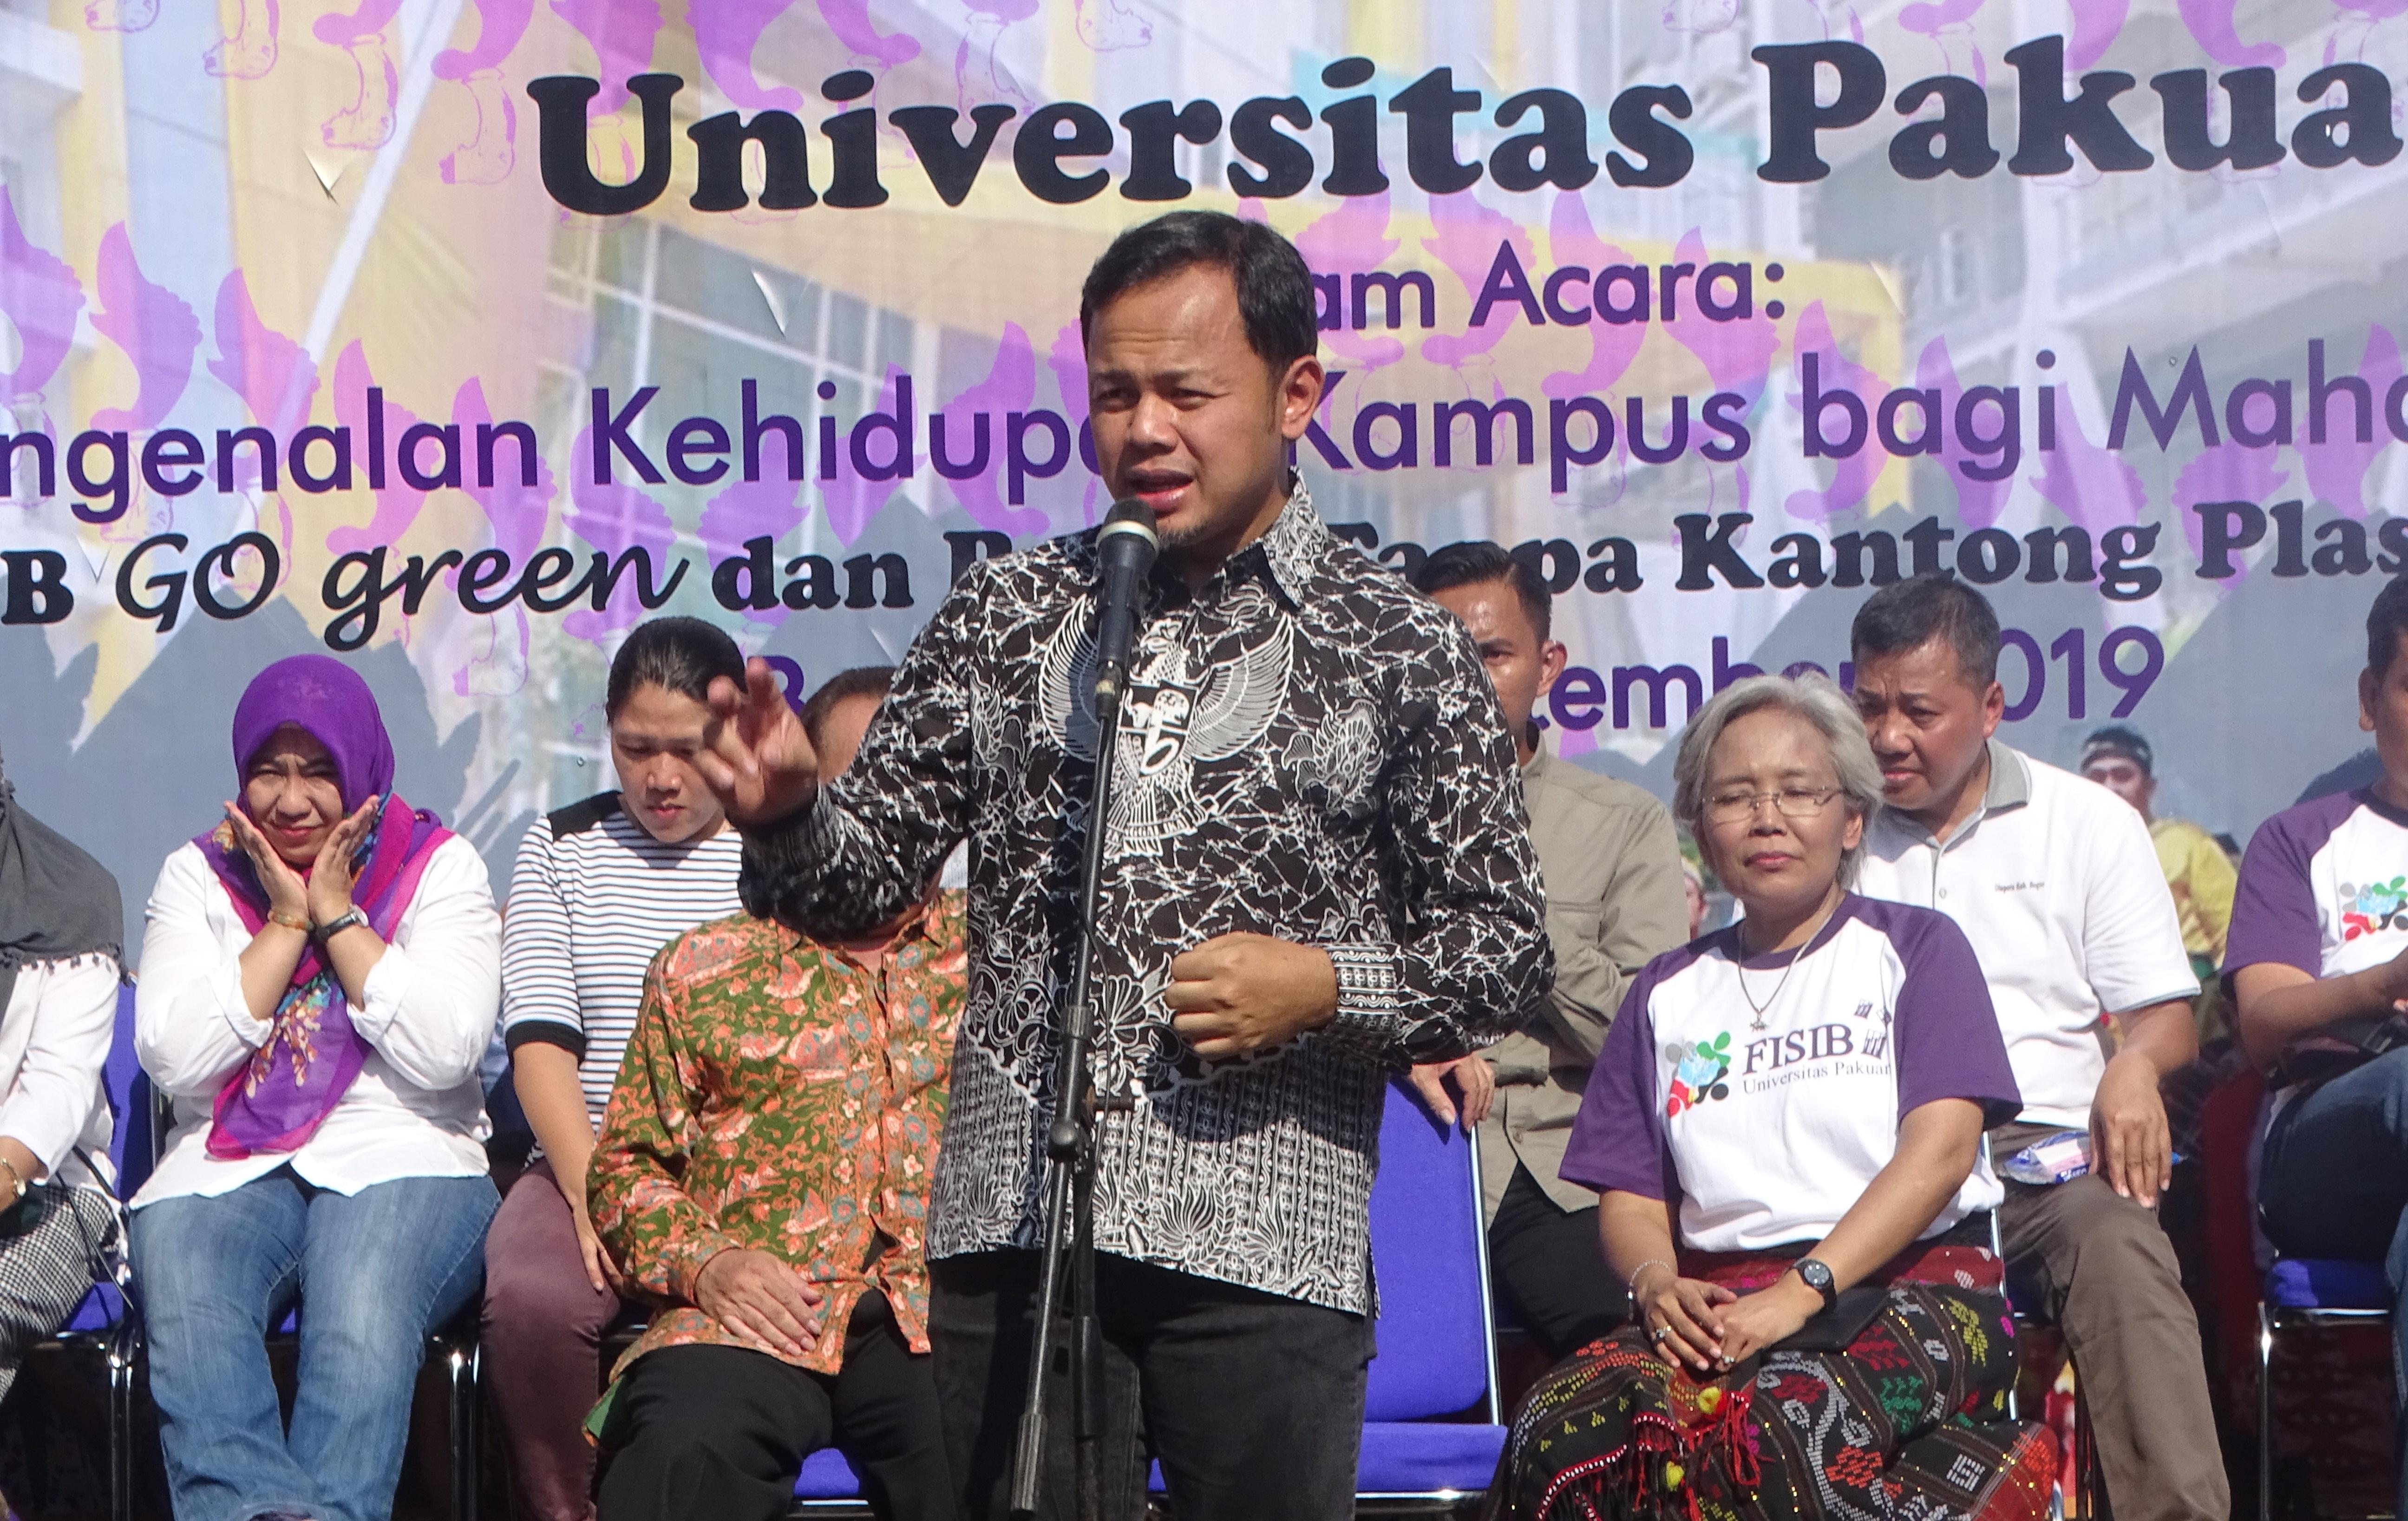 Walikota Bogor Bima Arya Sugiarto saat kegiatan PKKMB Fisib Universitas Pakuan 2019, Jum'at (6/9/19).